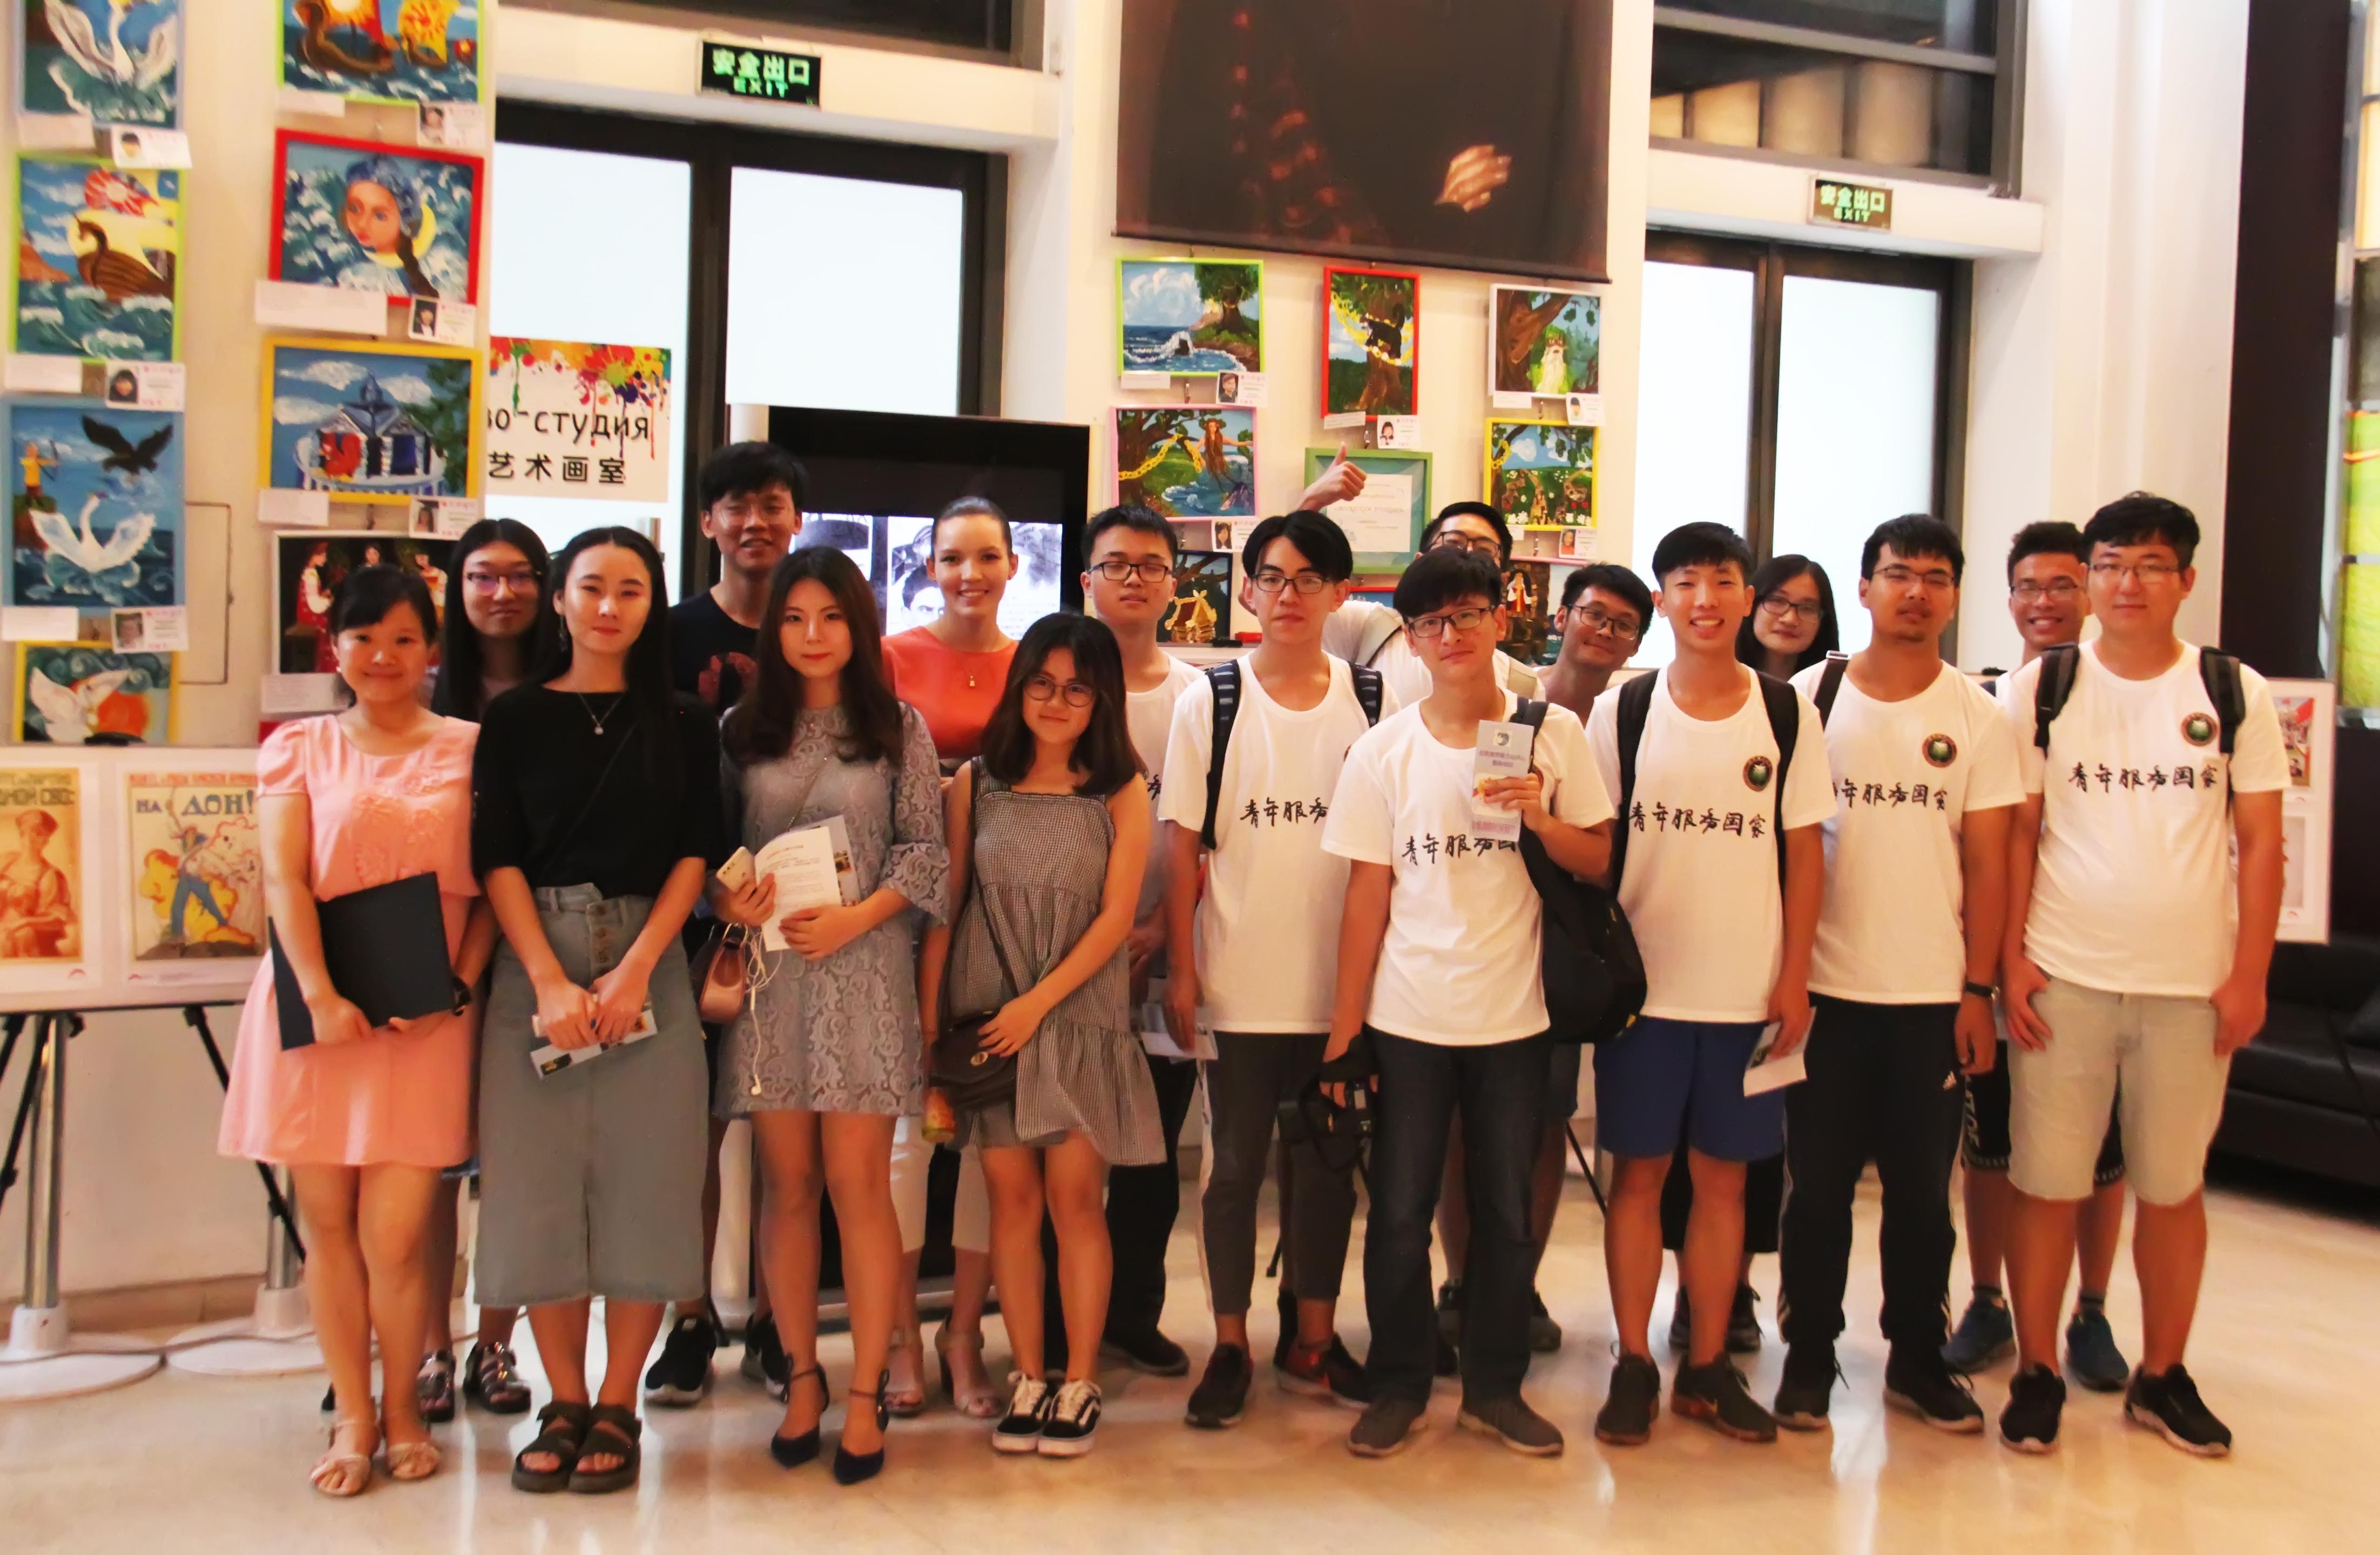 与大学生们的合影 Общее фото со студентами